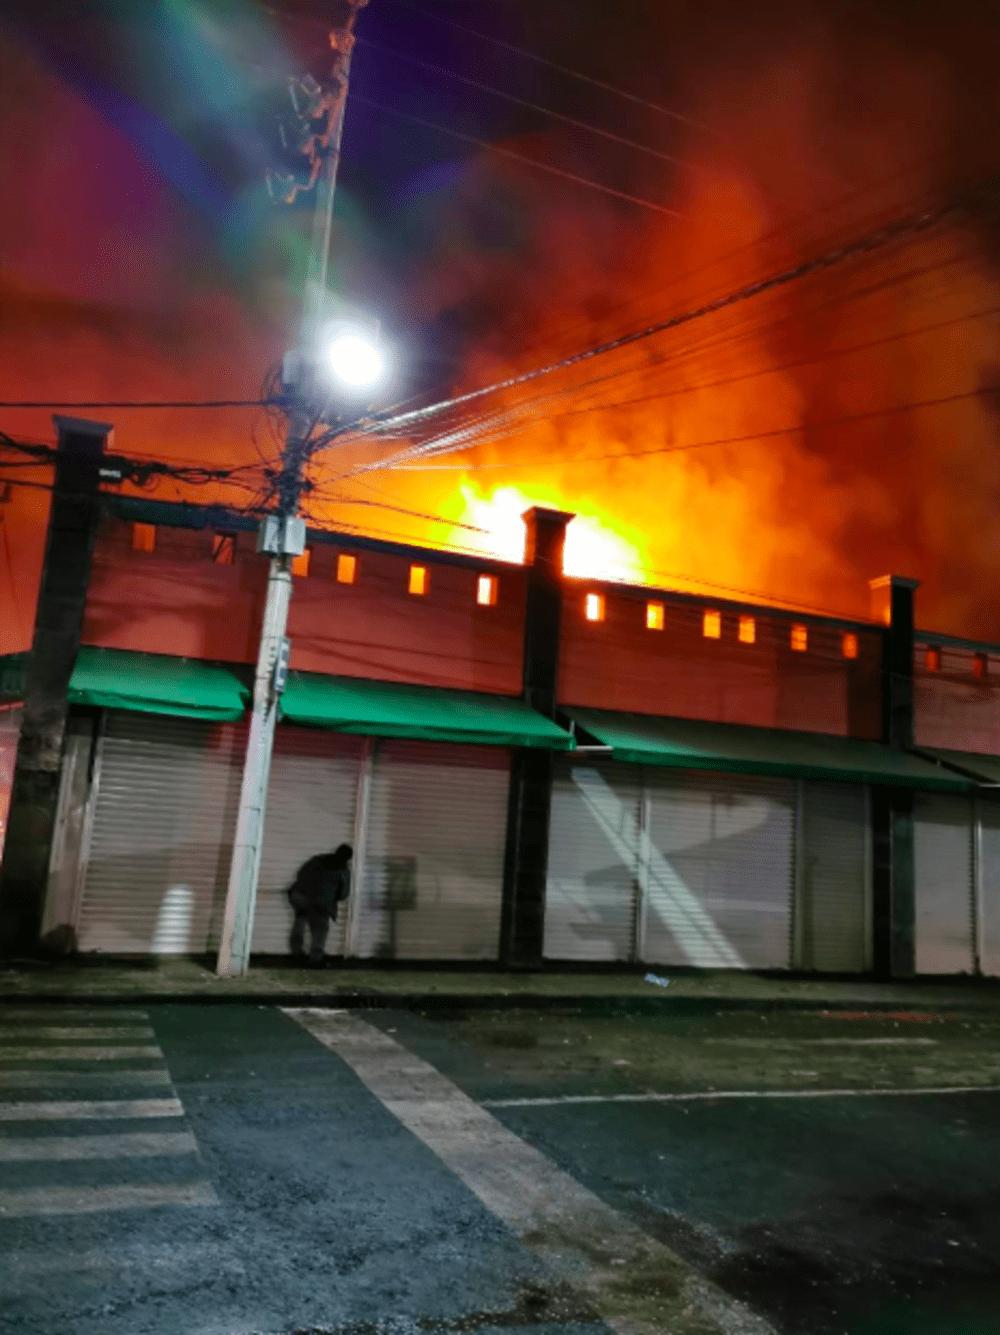 Cortocircuito causaron incendios en mercados: Fiscalía de la CDMX